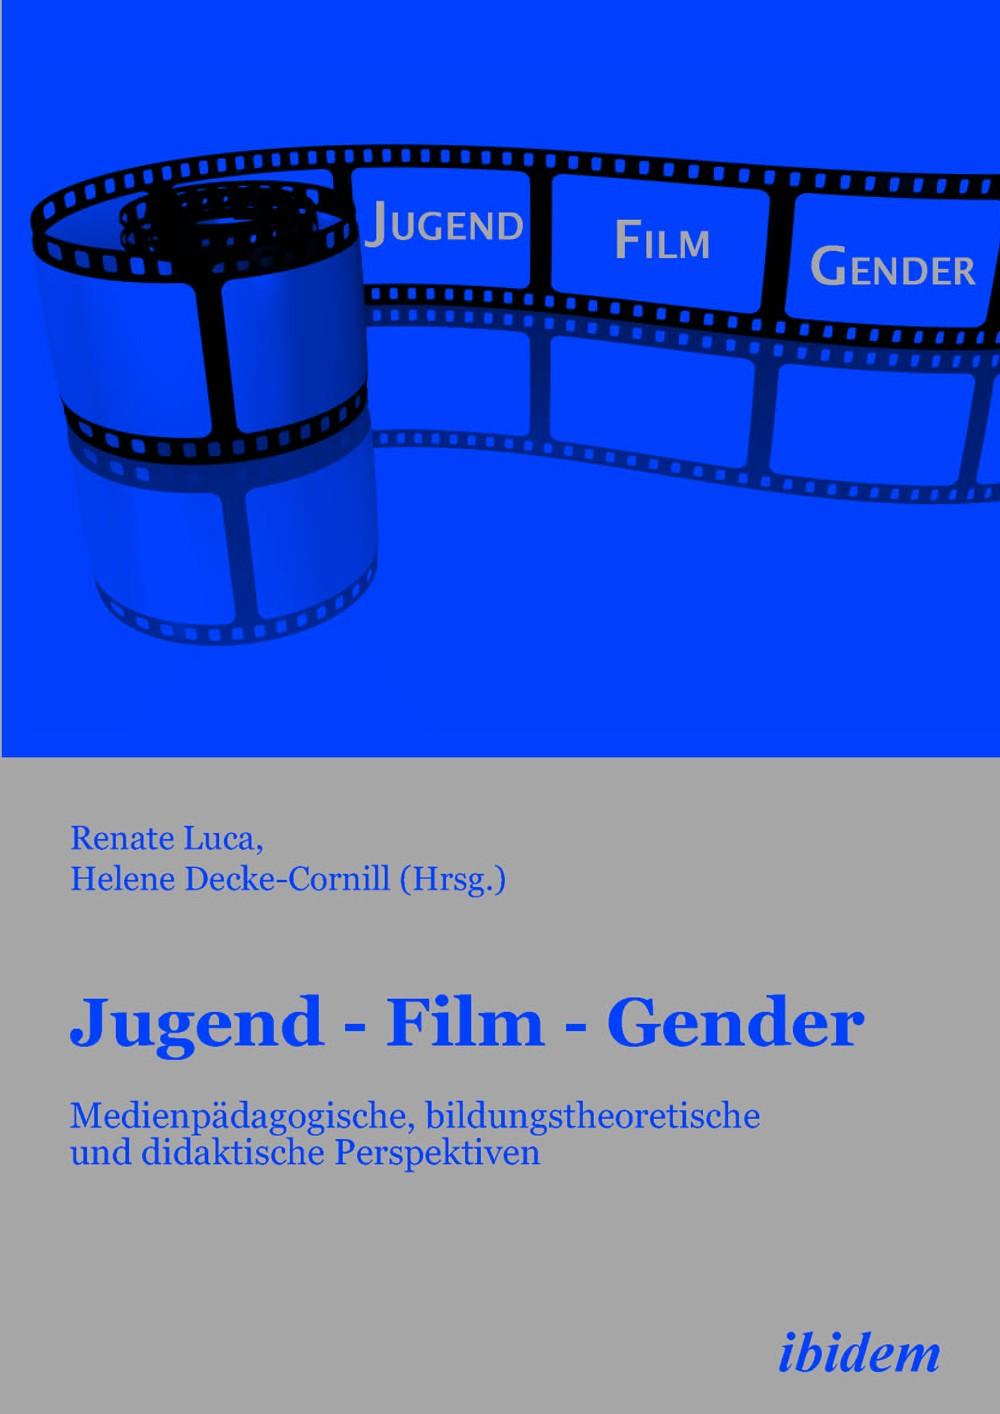 Jugend - Film - Gender